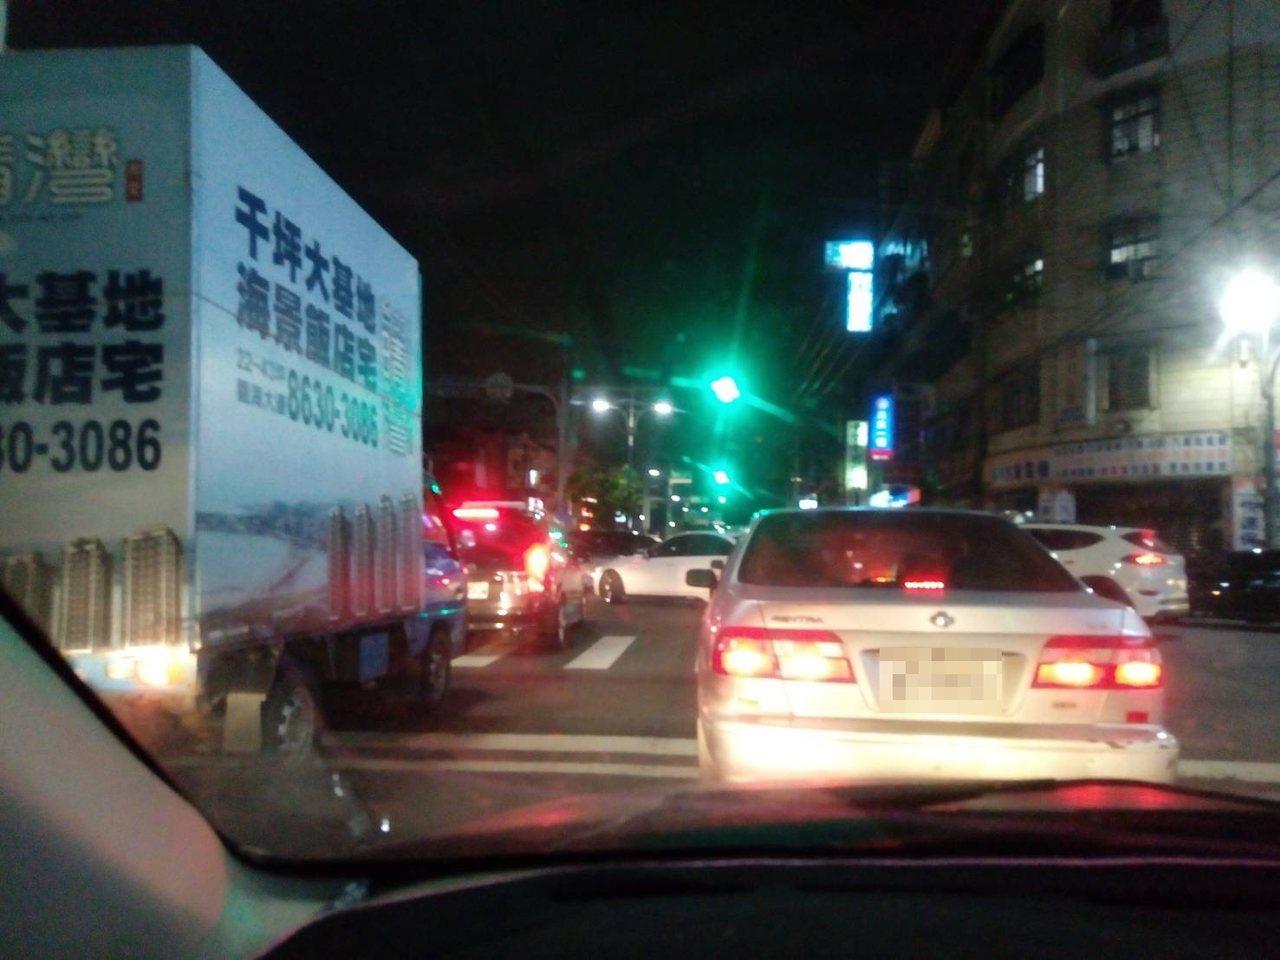 潘姓民眾表示,「綠燈了但車完全不會動...超無奈」。圖/民眾提供